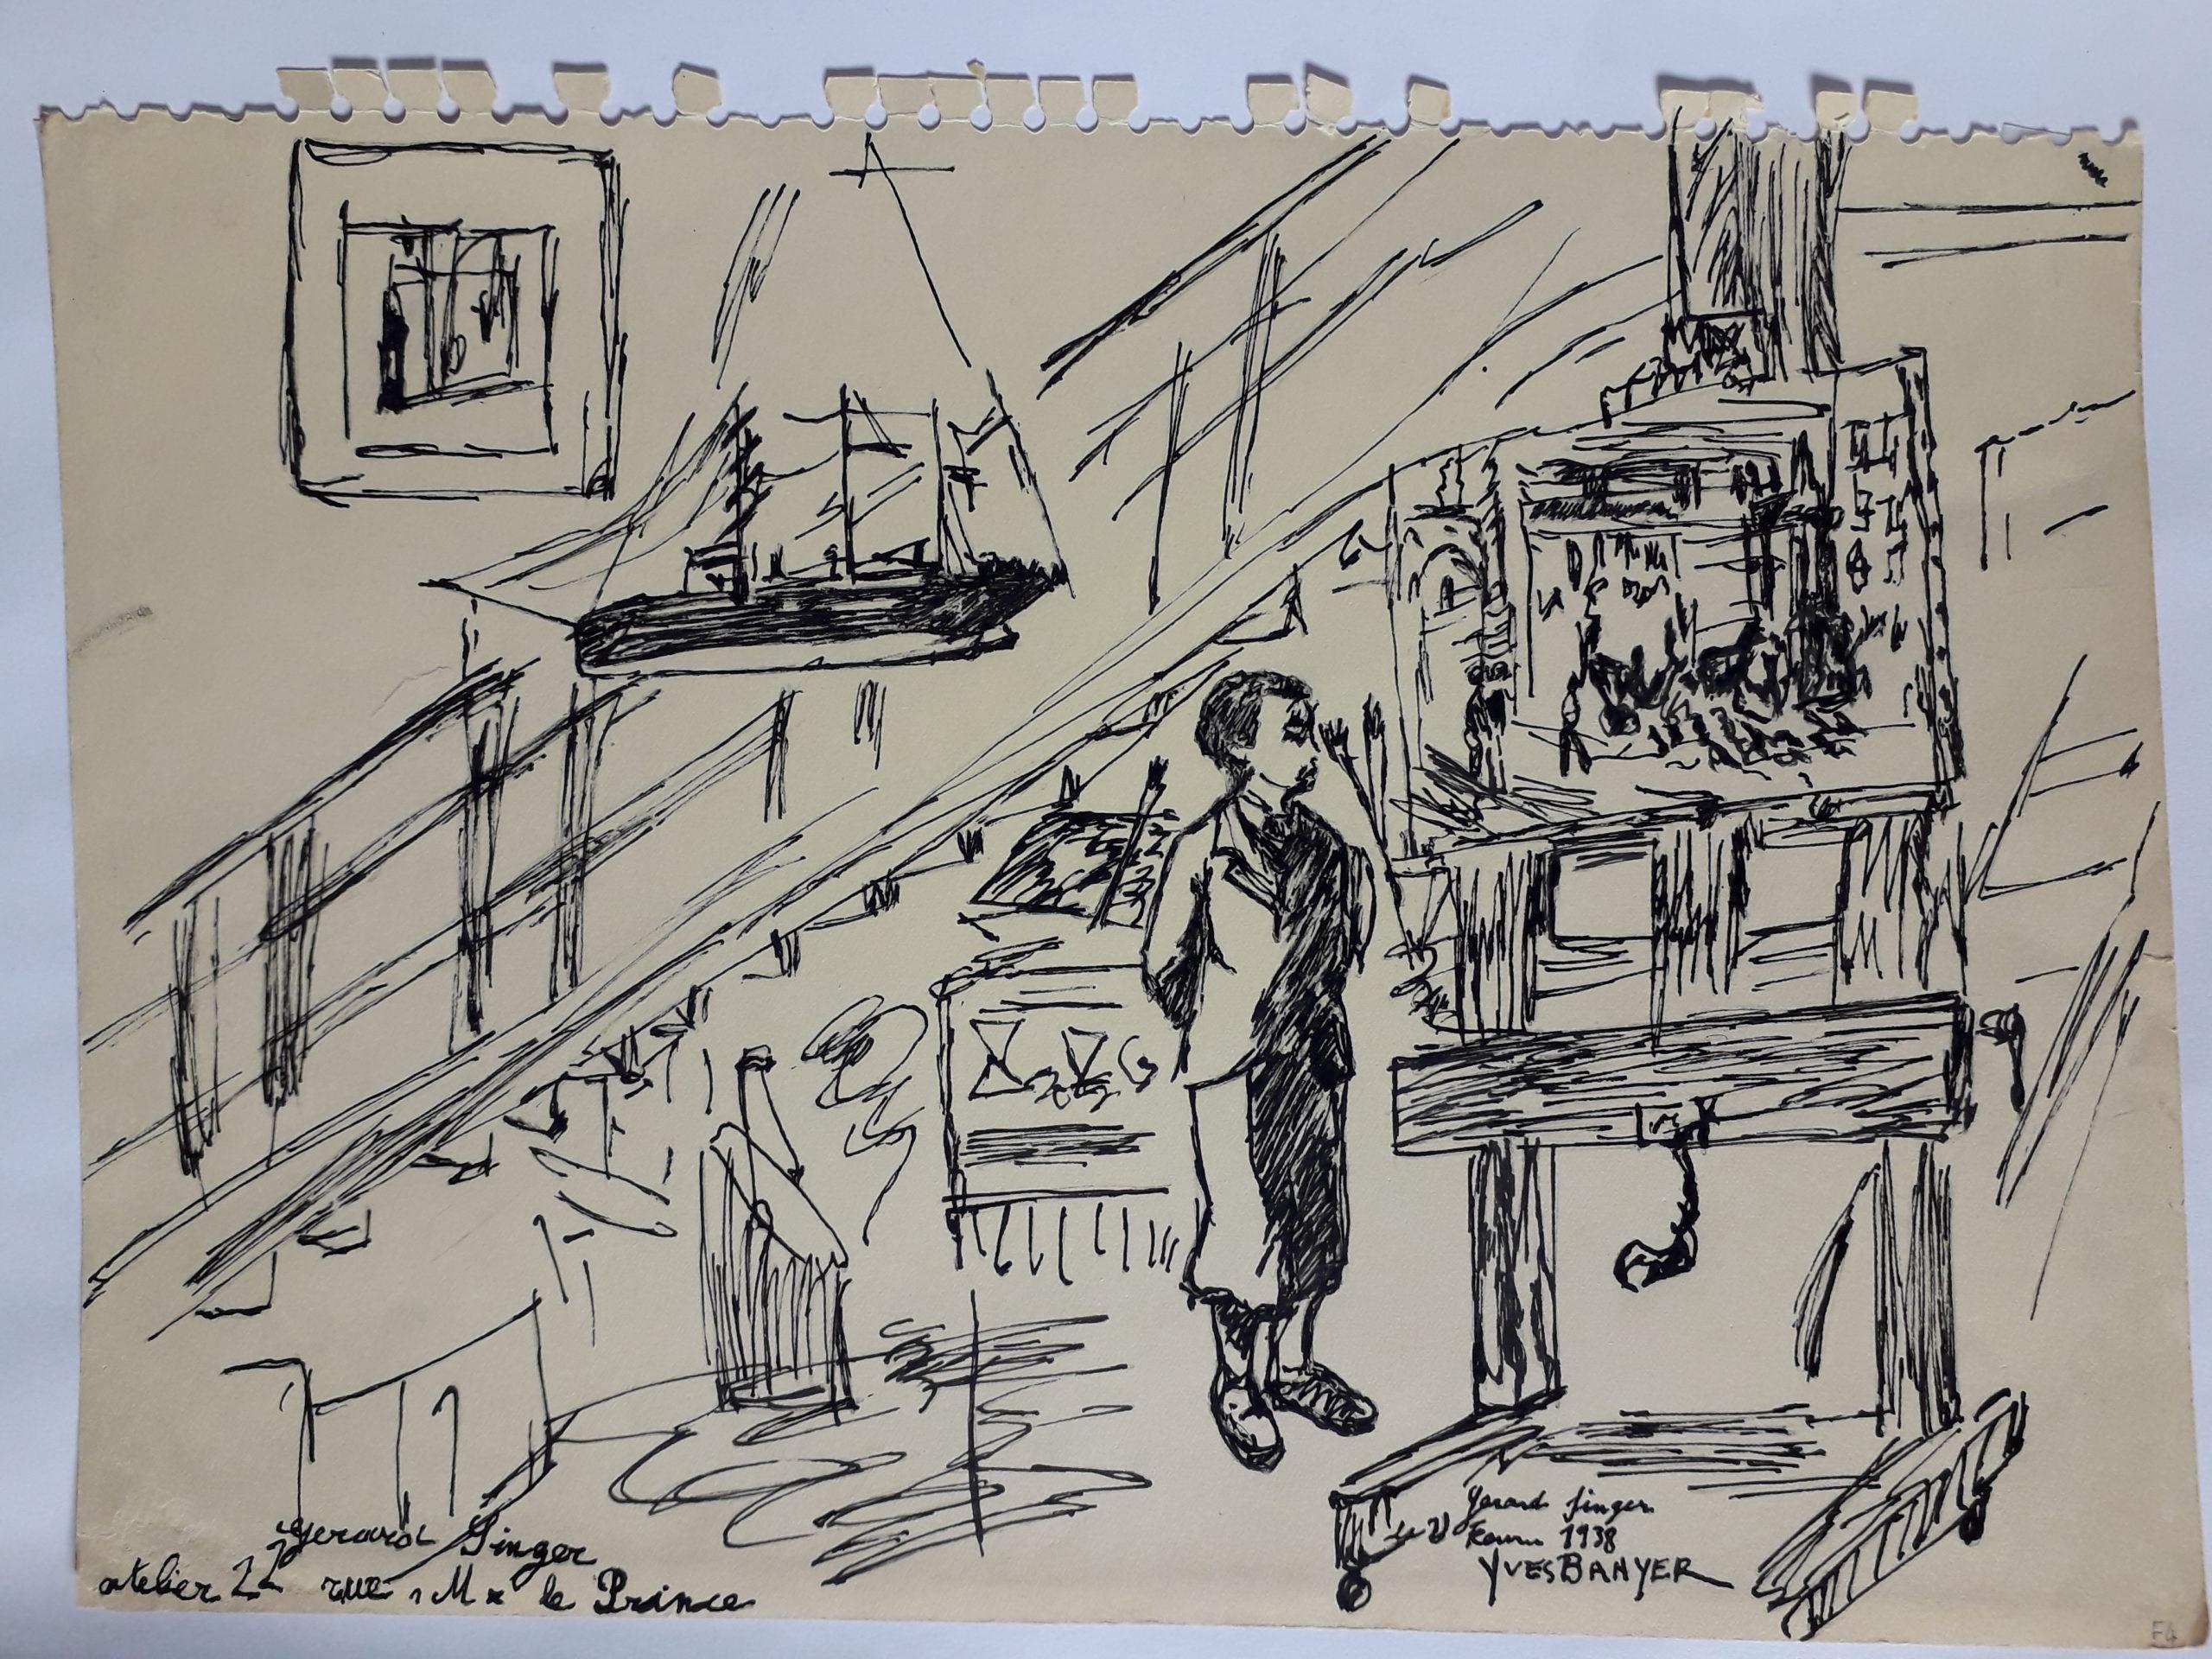 brayer-yves-dans-mon-atelier-avec-gerard-singer-1938-F4